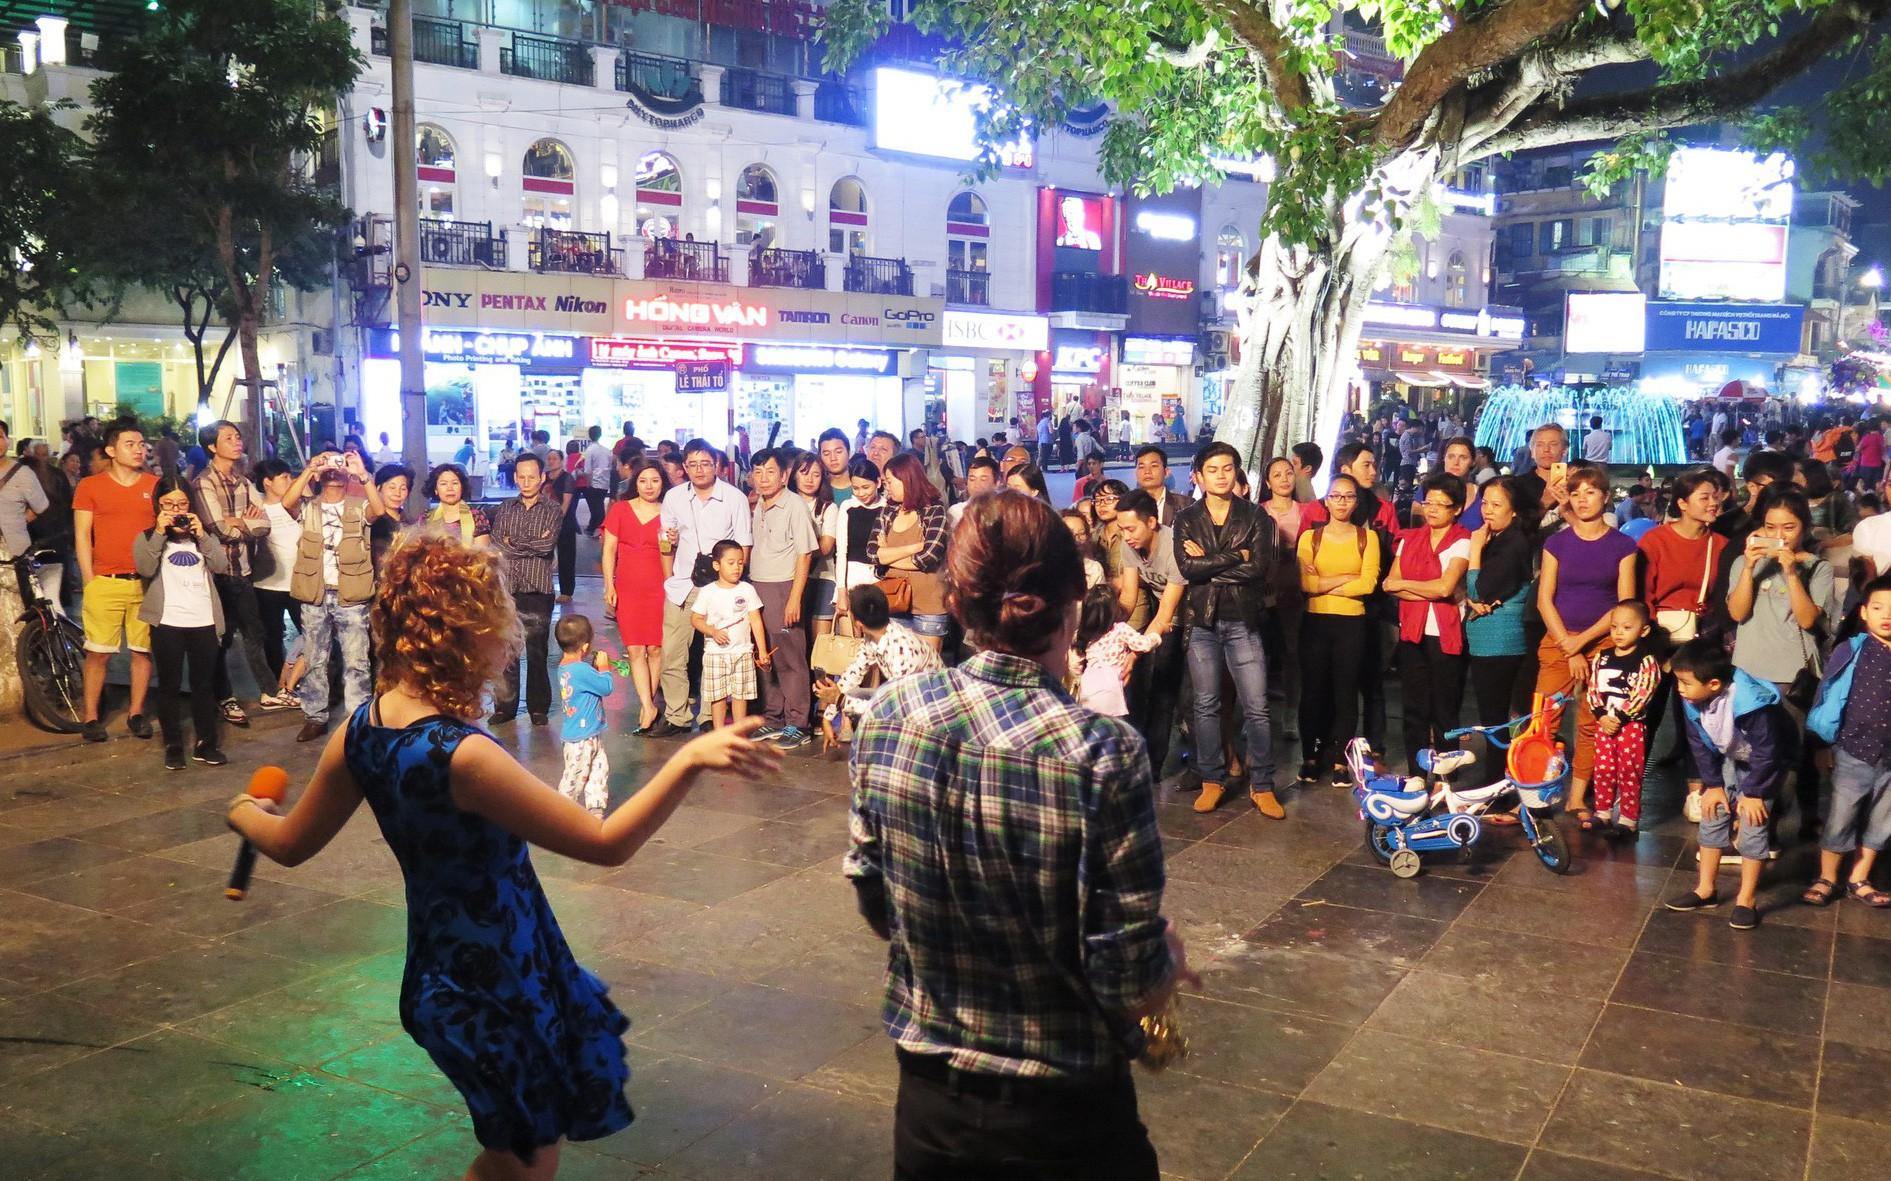 Hà Nội: Nhiều hoạt động giải trí trong hai ngày cuối tuần